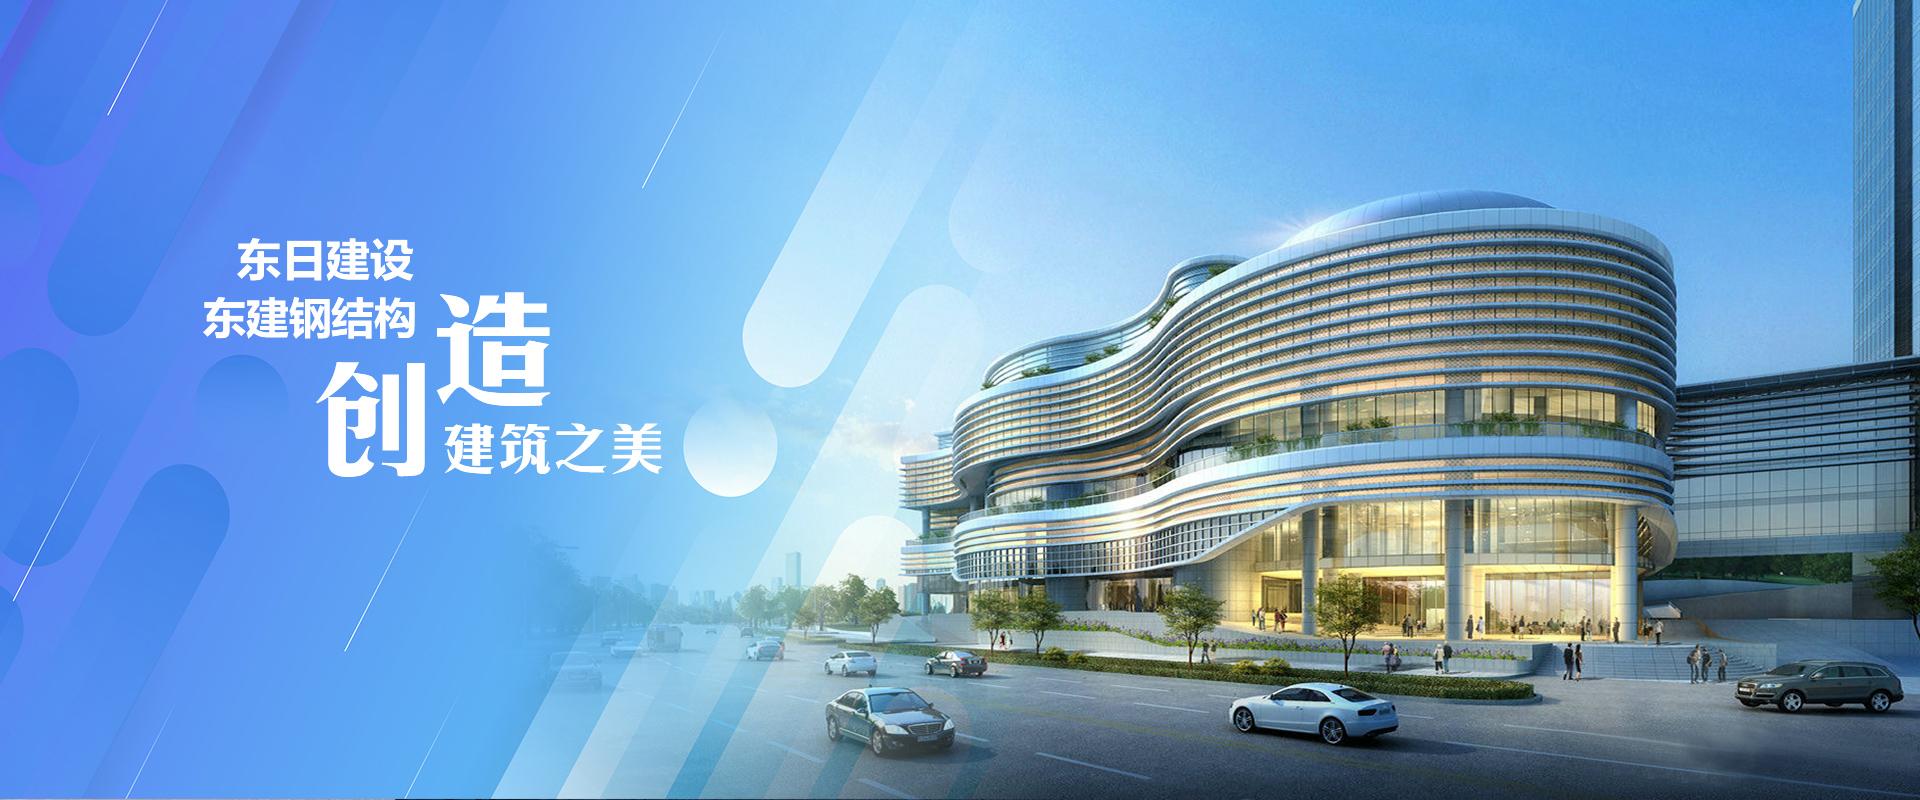 臺山市東日建設工程有限公司|廣東東建鋼結構有限公司